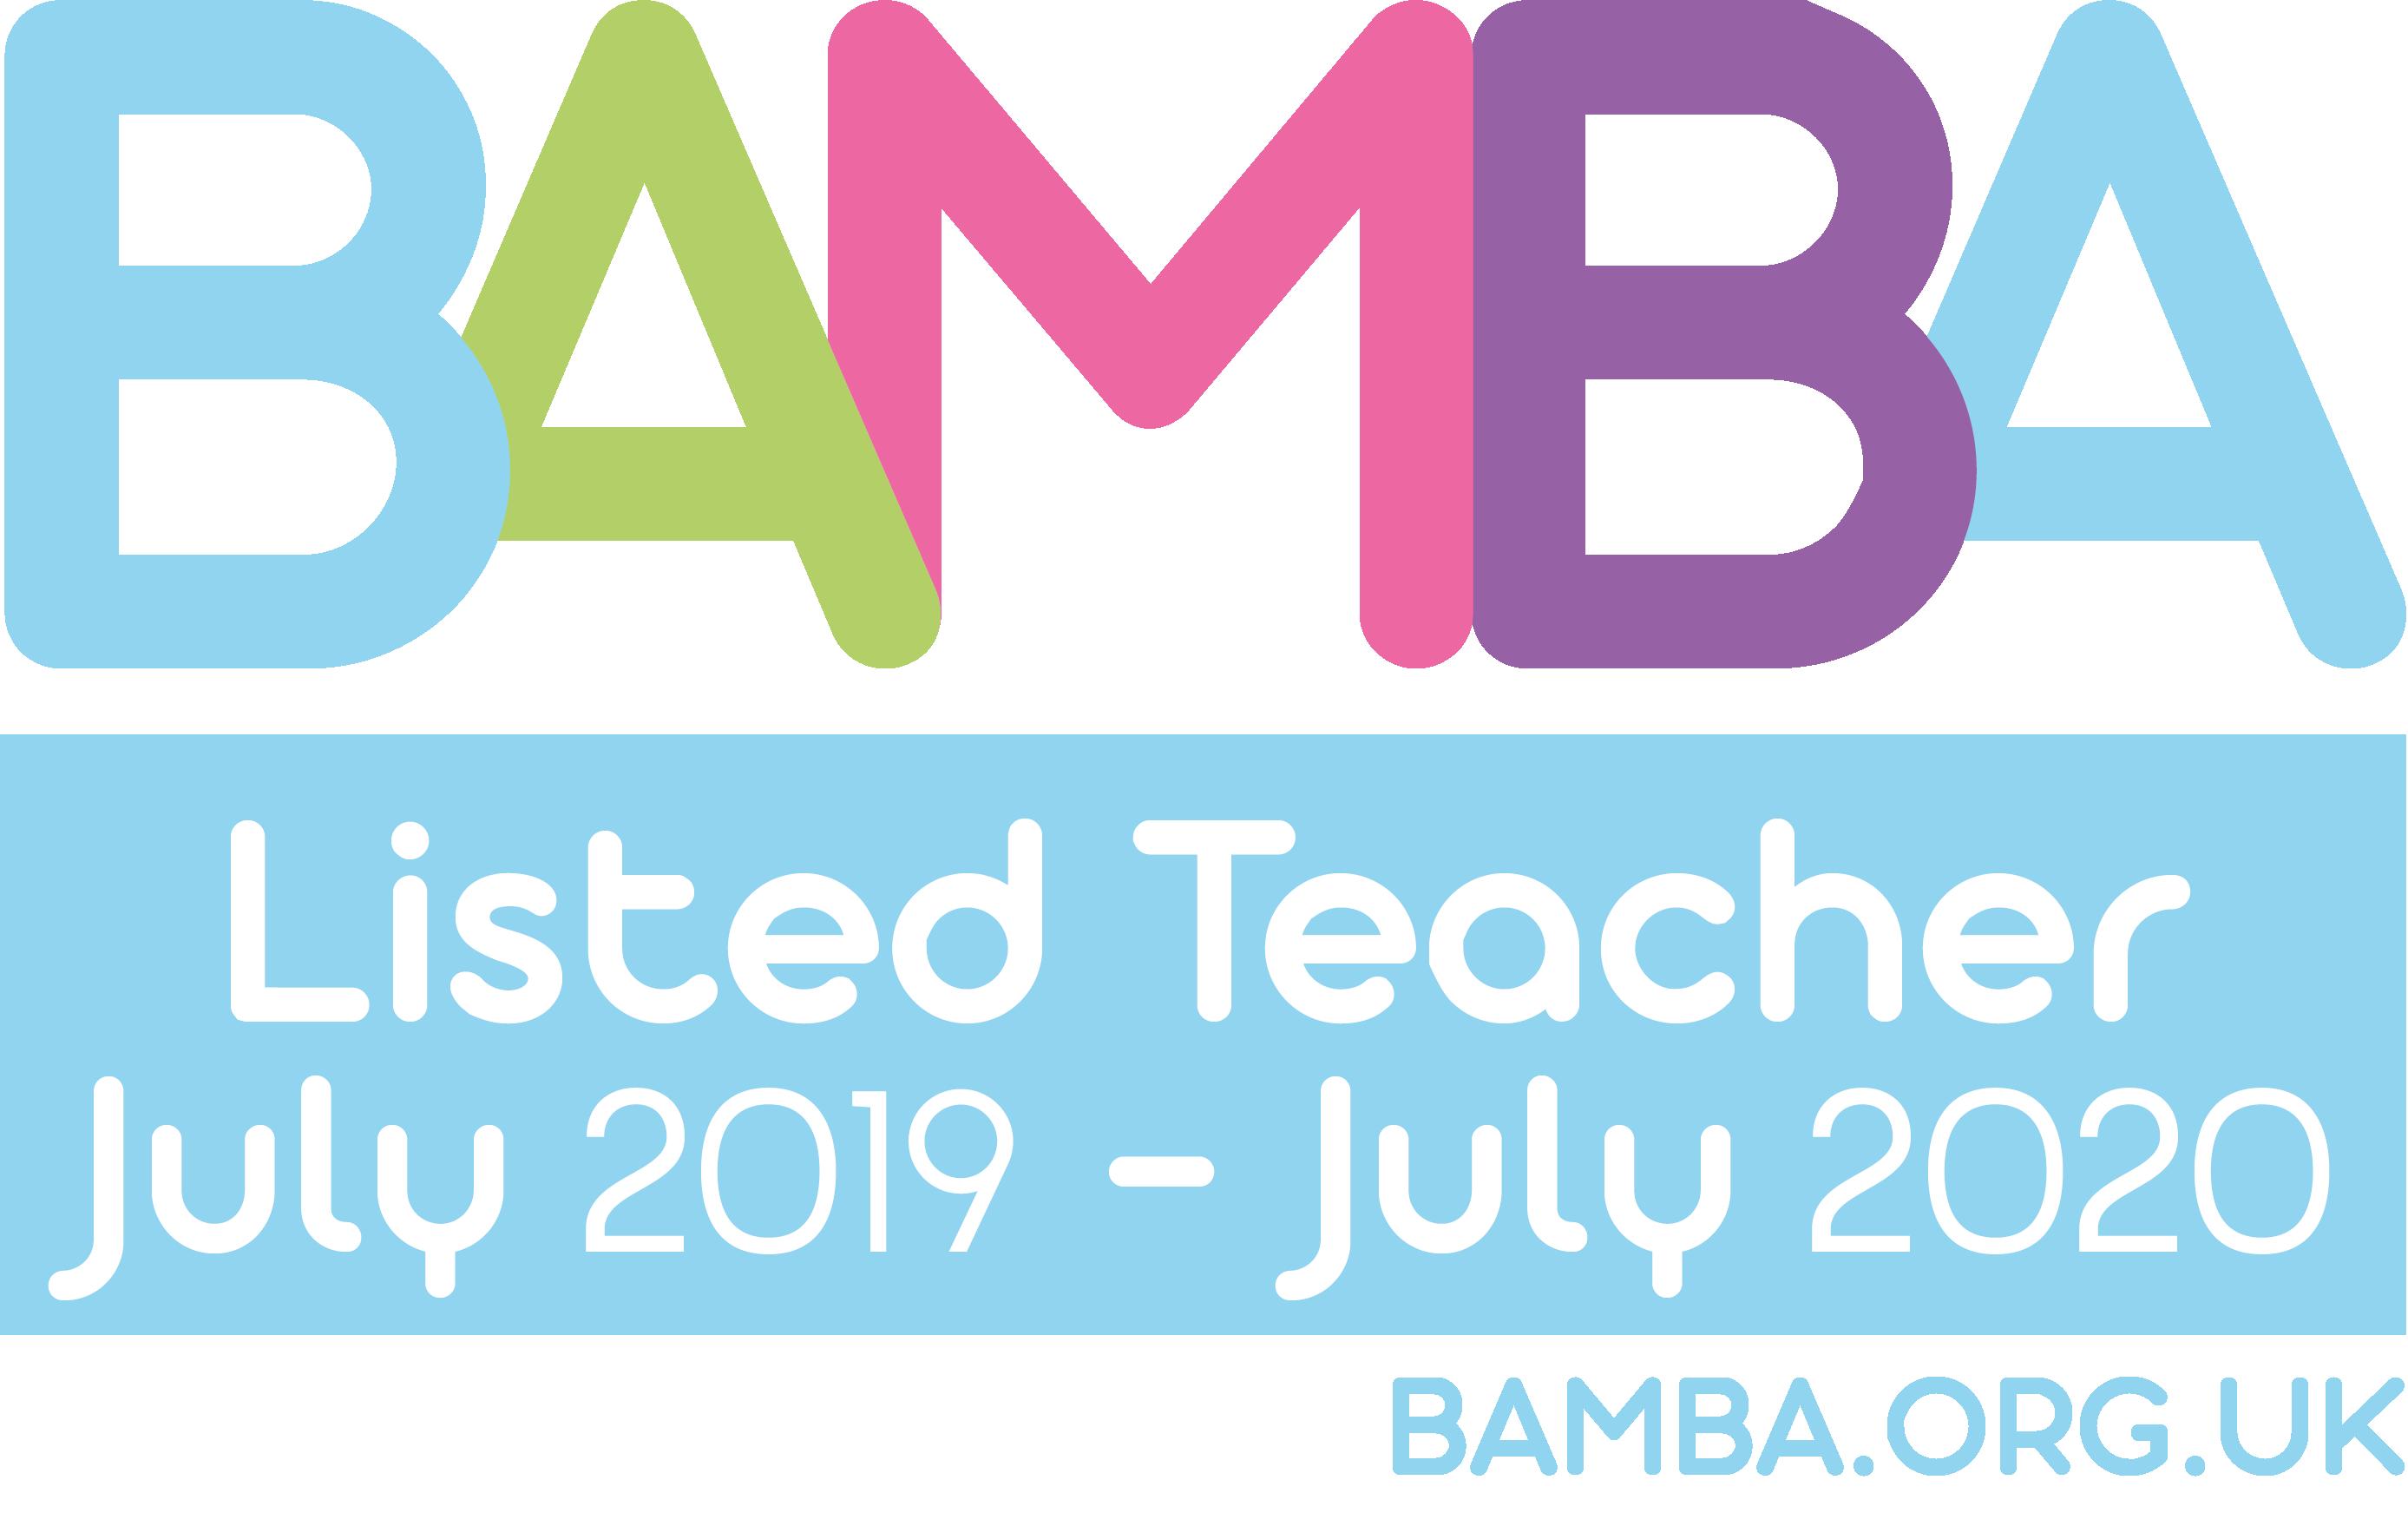 Bamba Jul 2019 - 2020 (002)